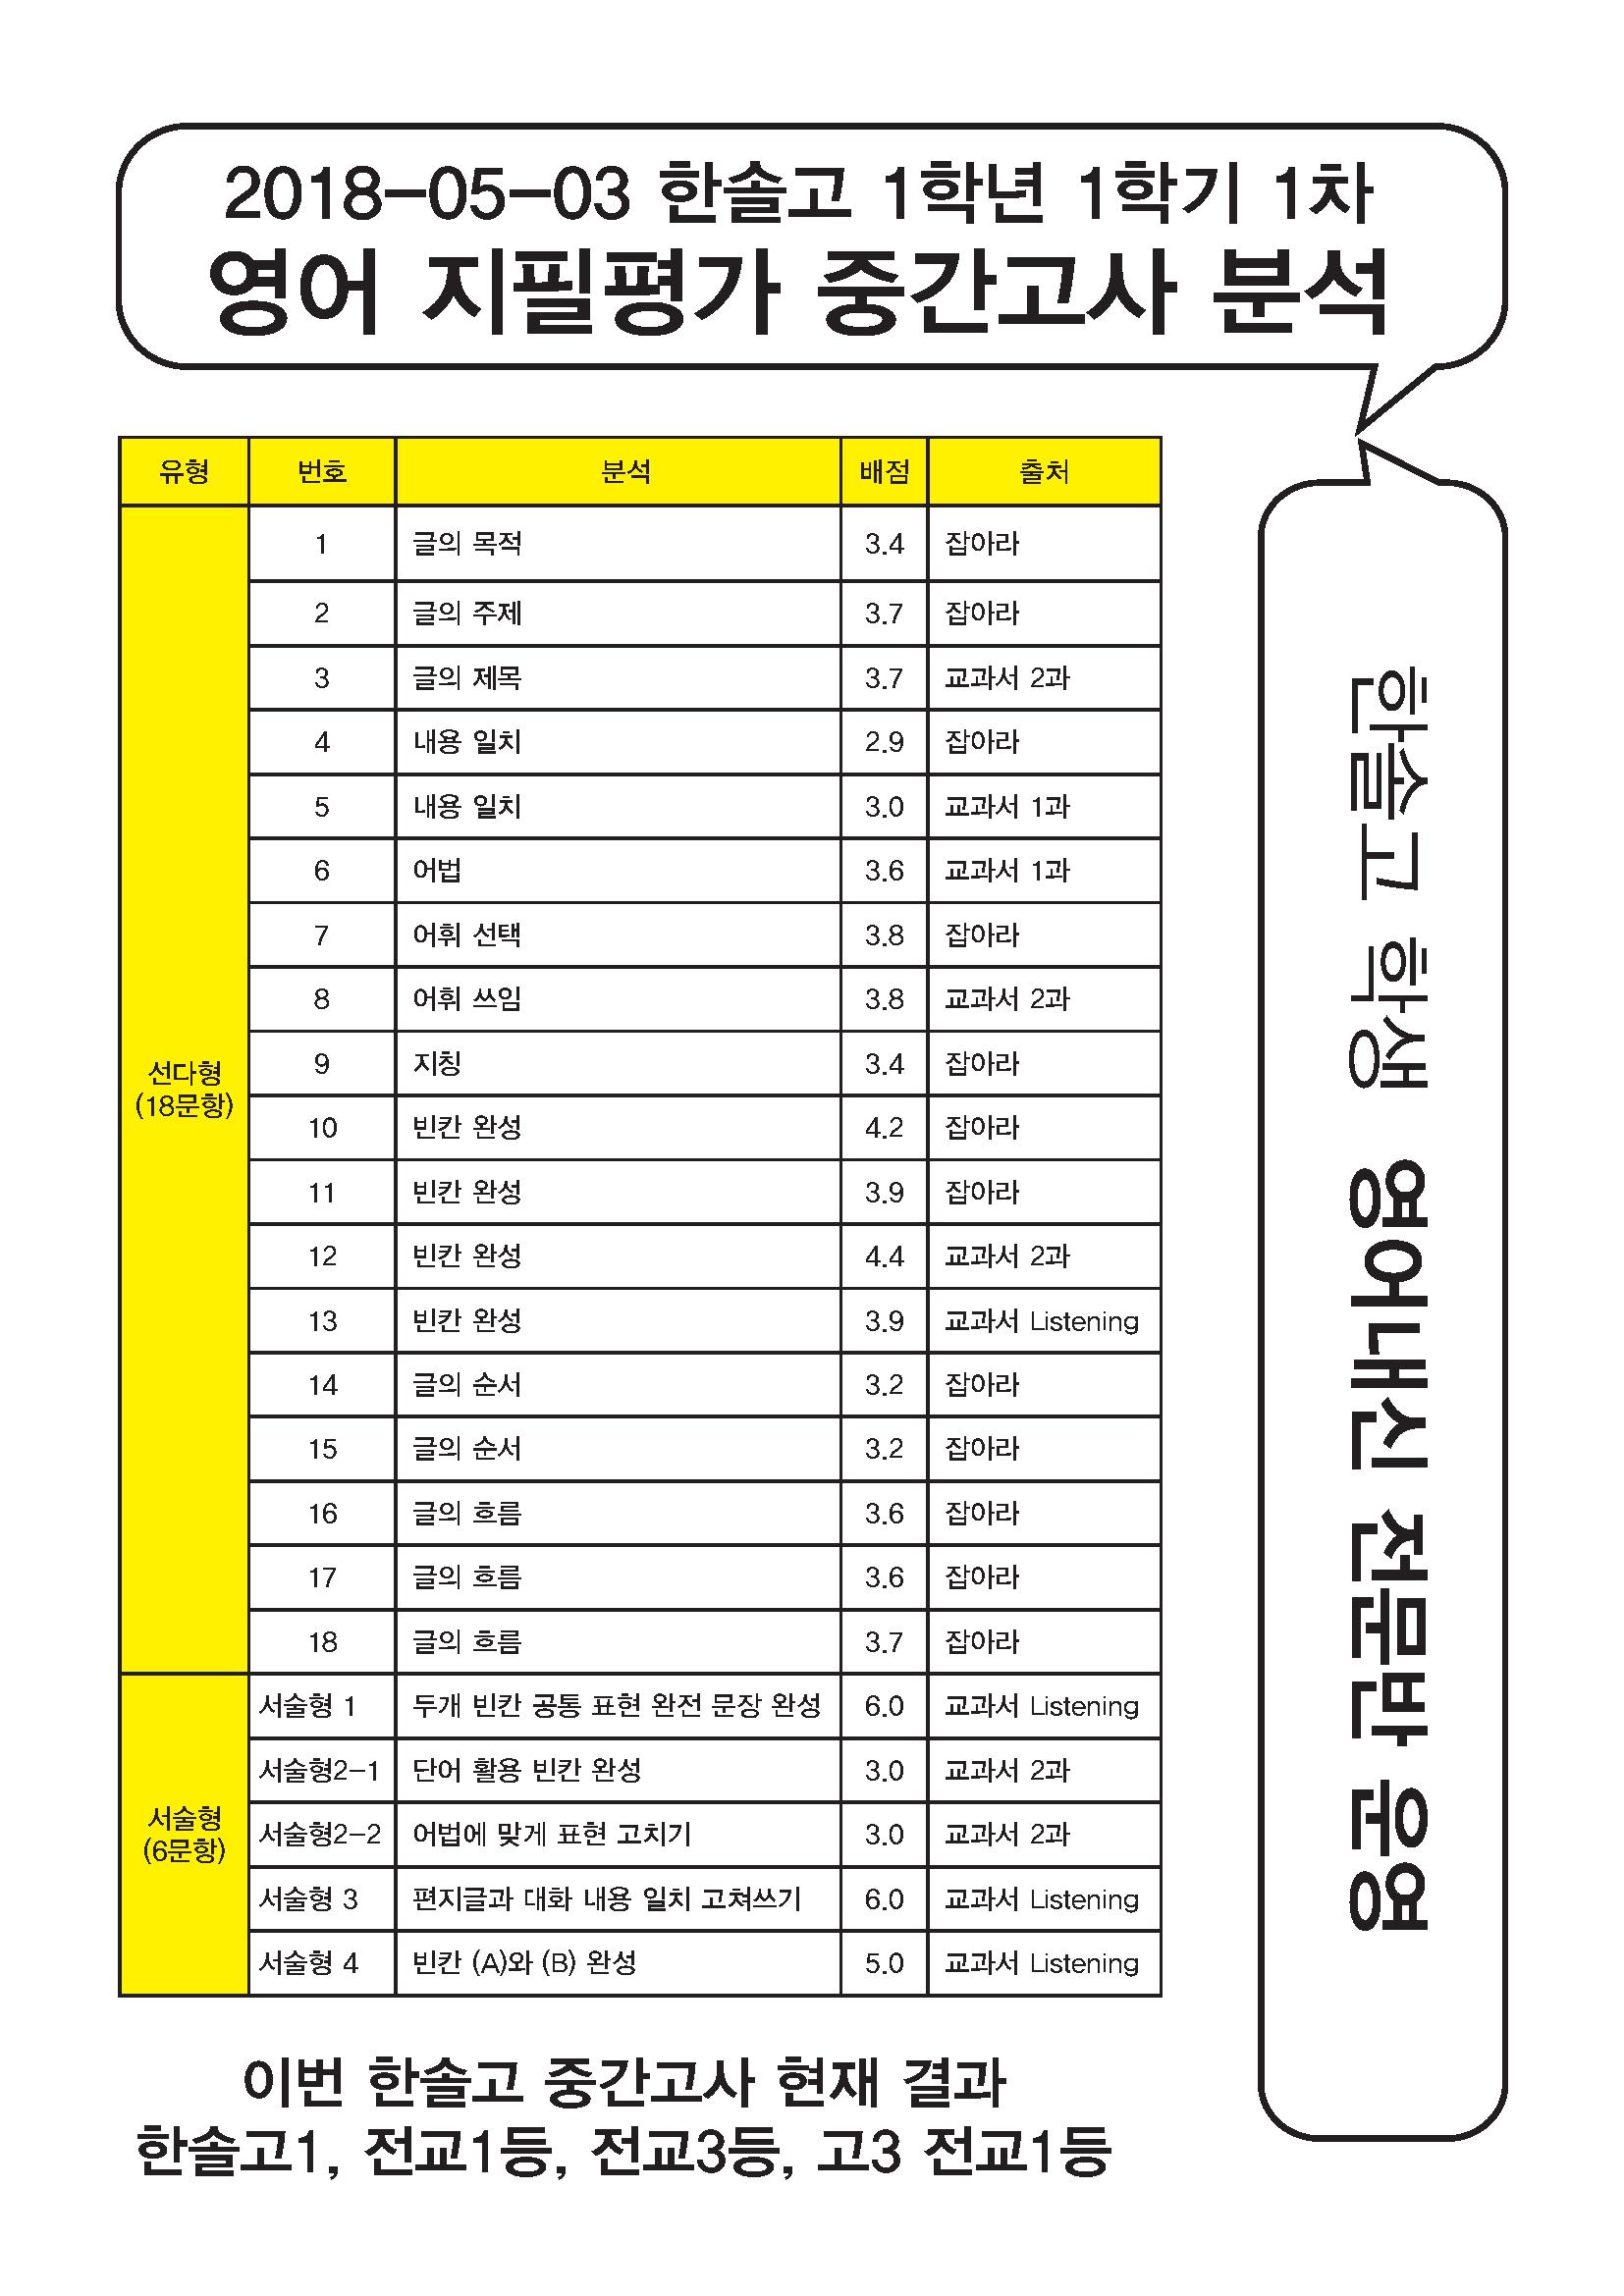 2018-05-03 고1-1 중간고사결과.png